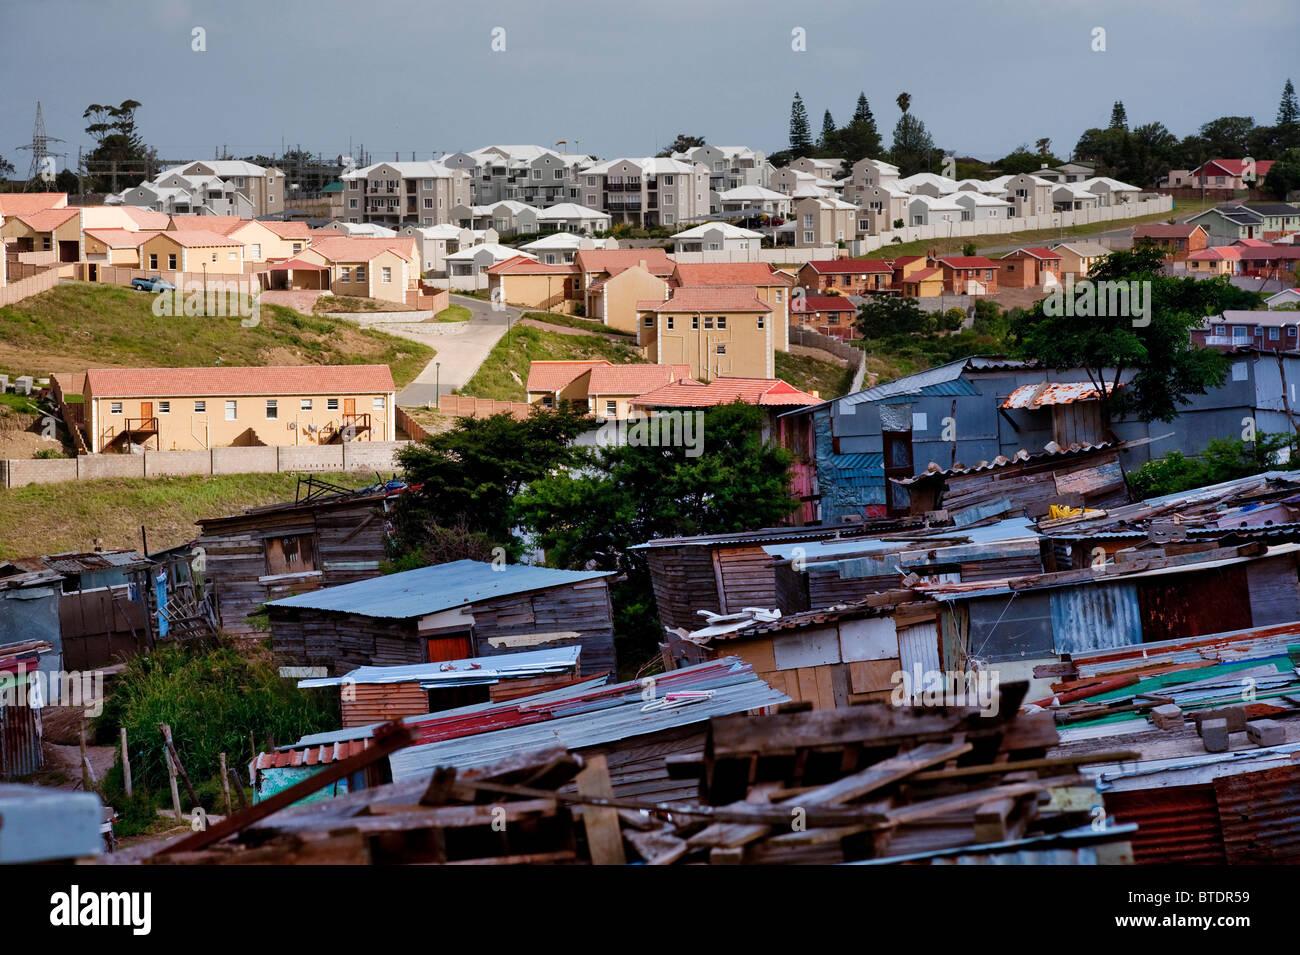 The Nompumulelo informal settlement across from an upmarket housing developments - Stock Image